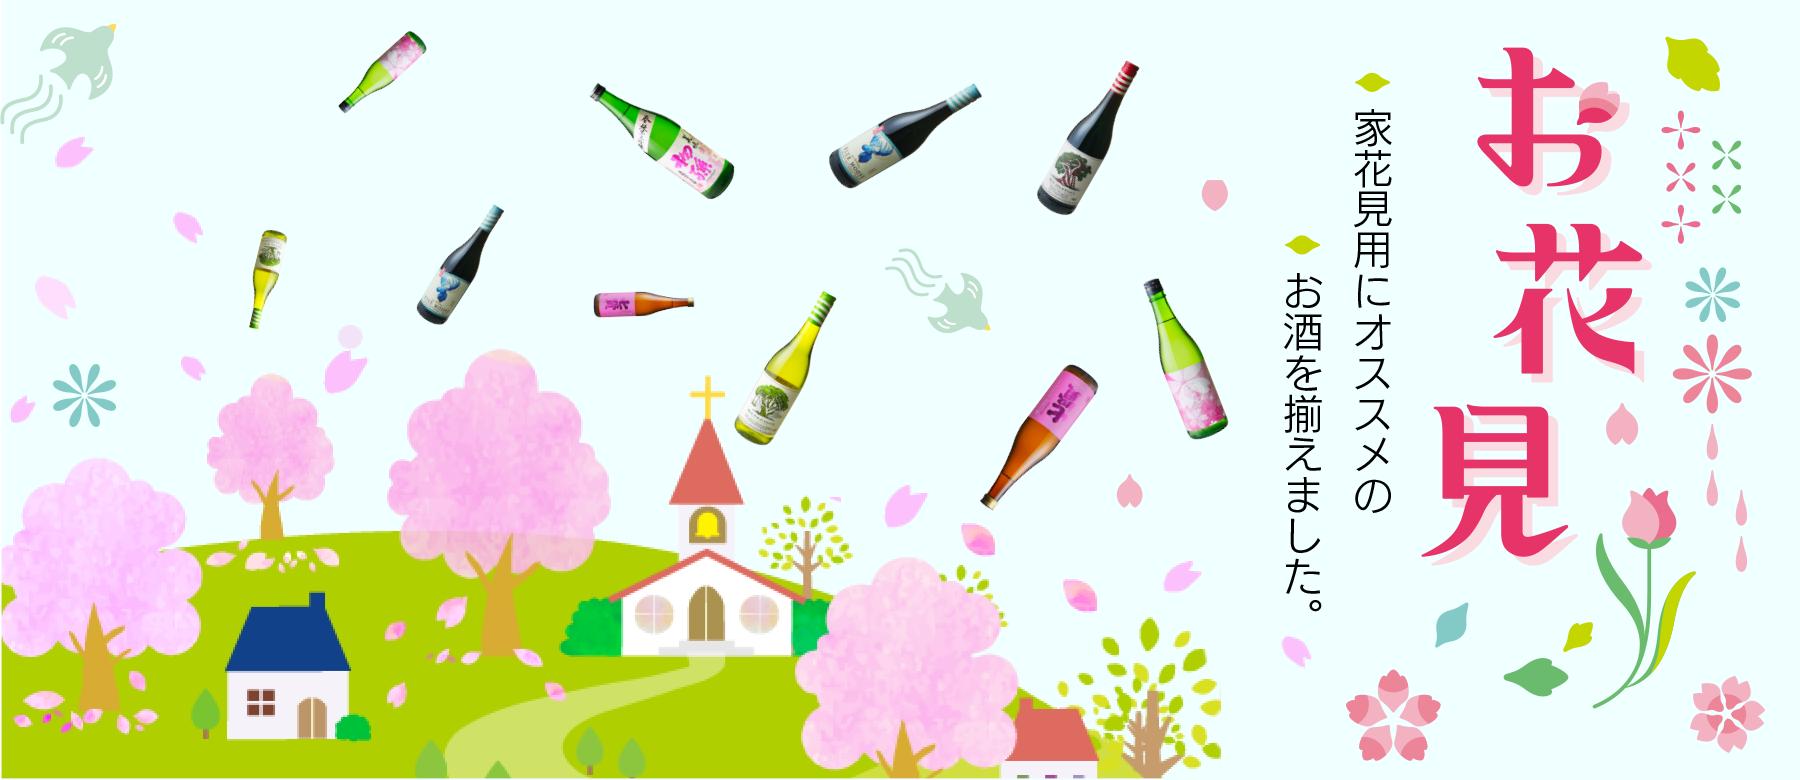 【家花見】花見酒用おまとめセット入荷のお知らせ